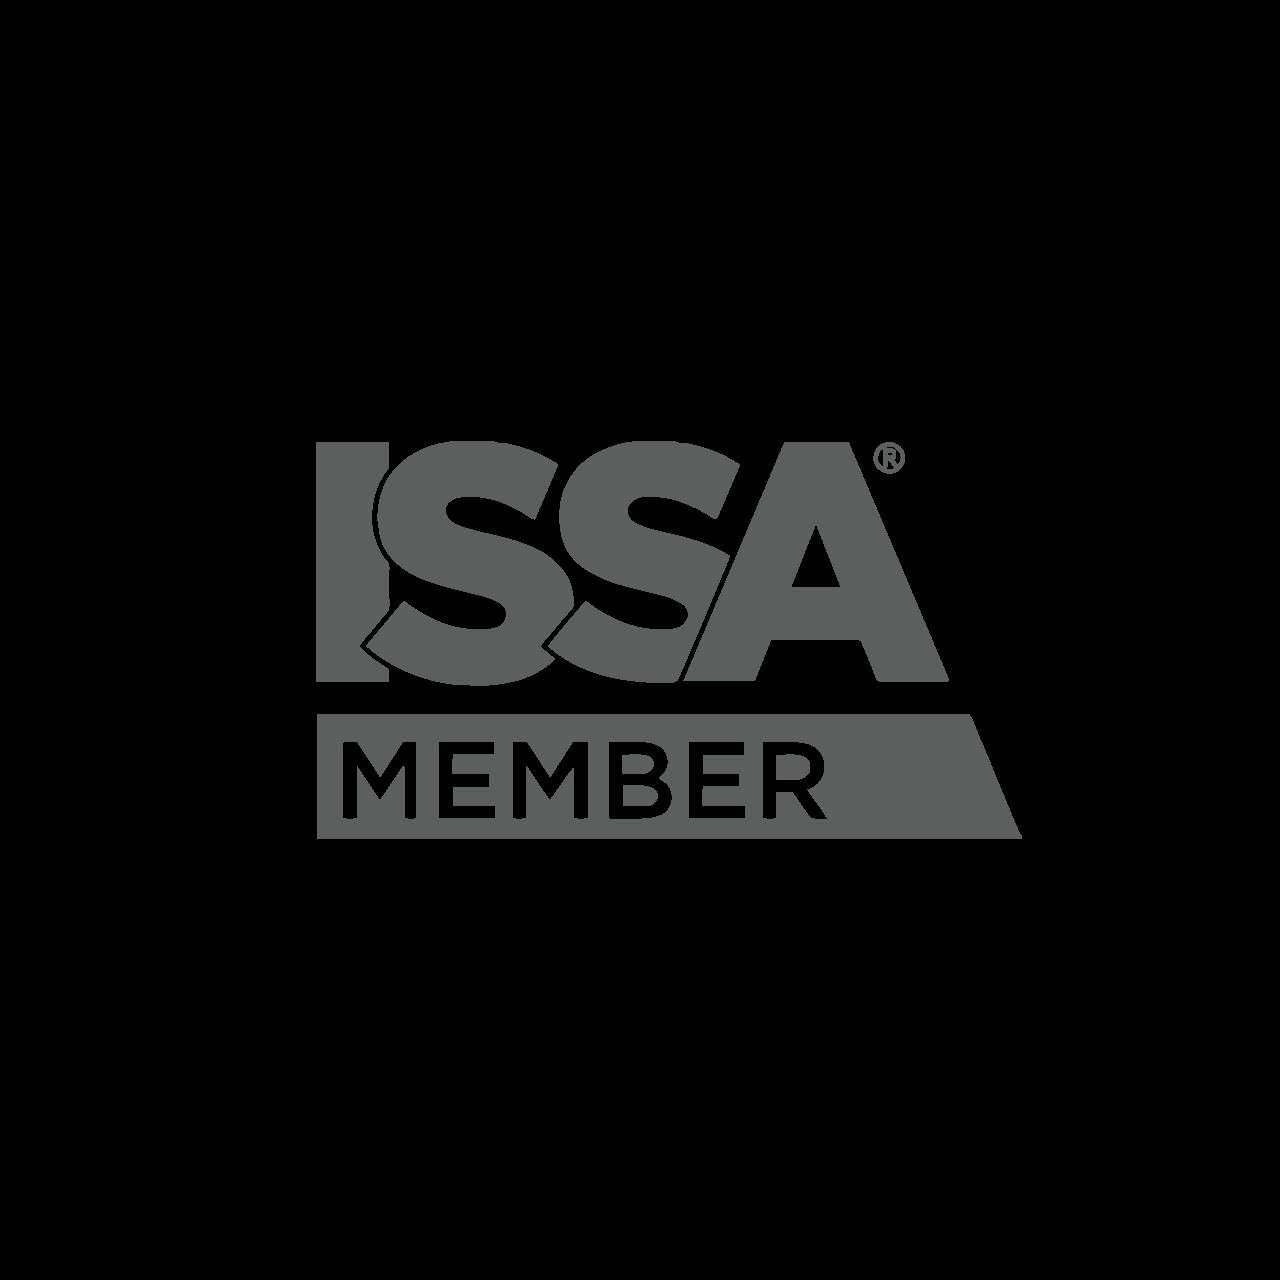 issa-member